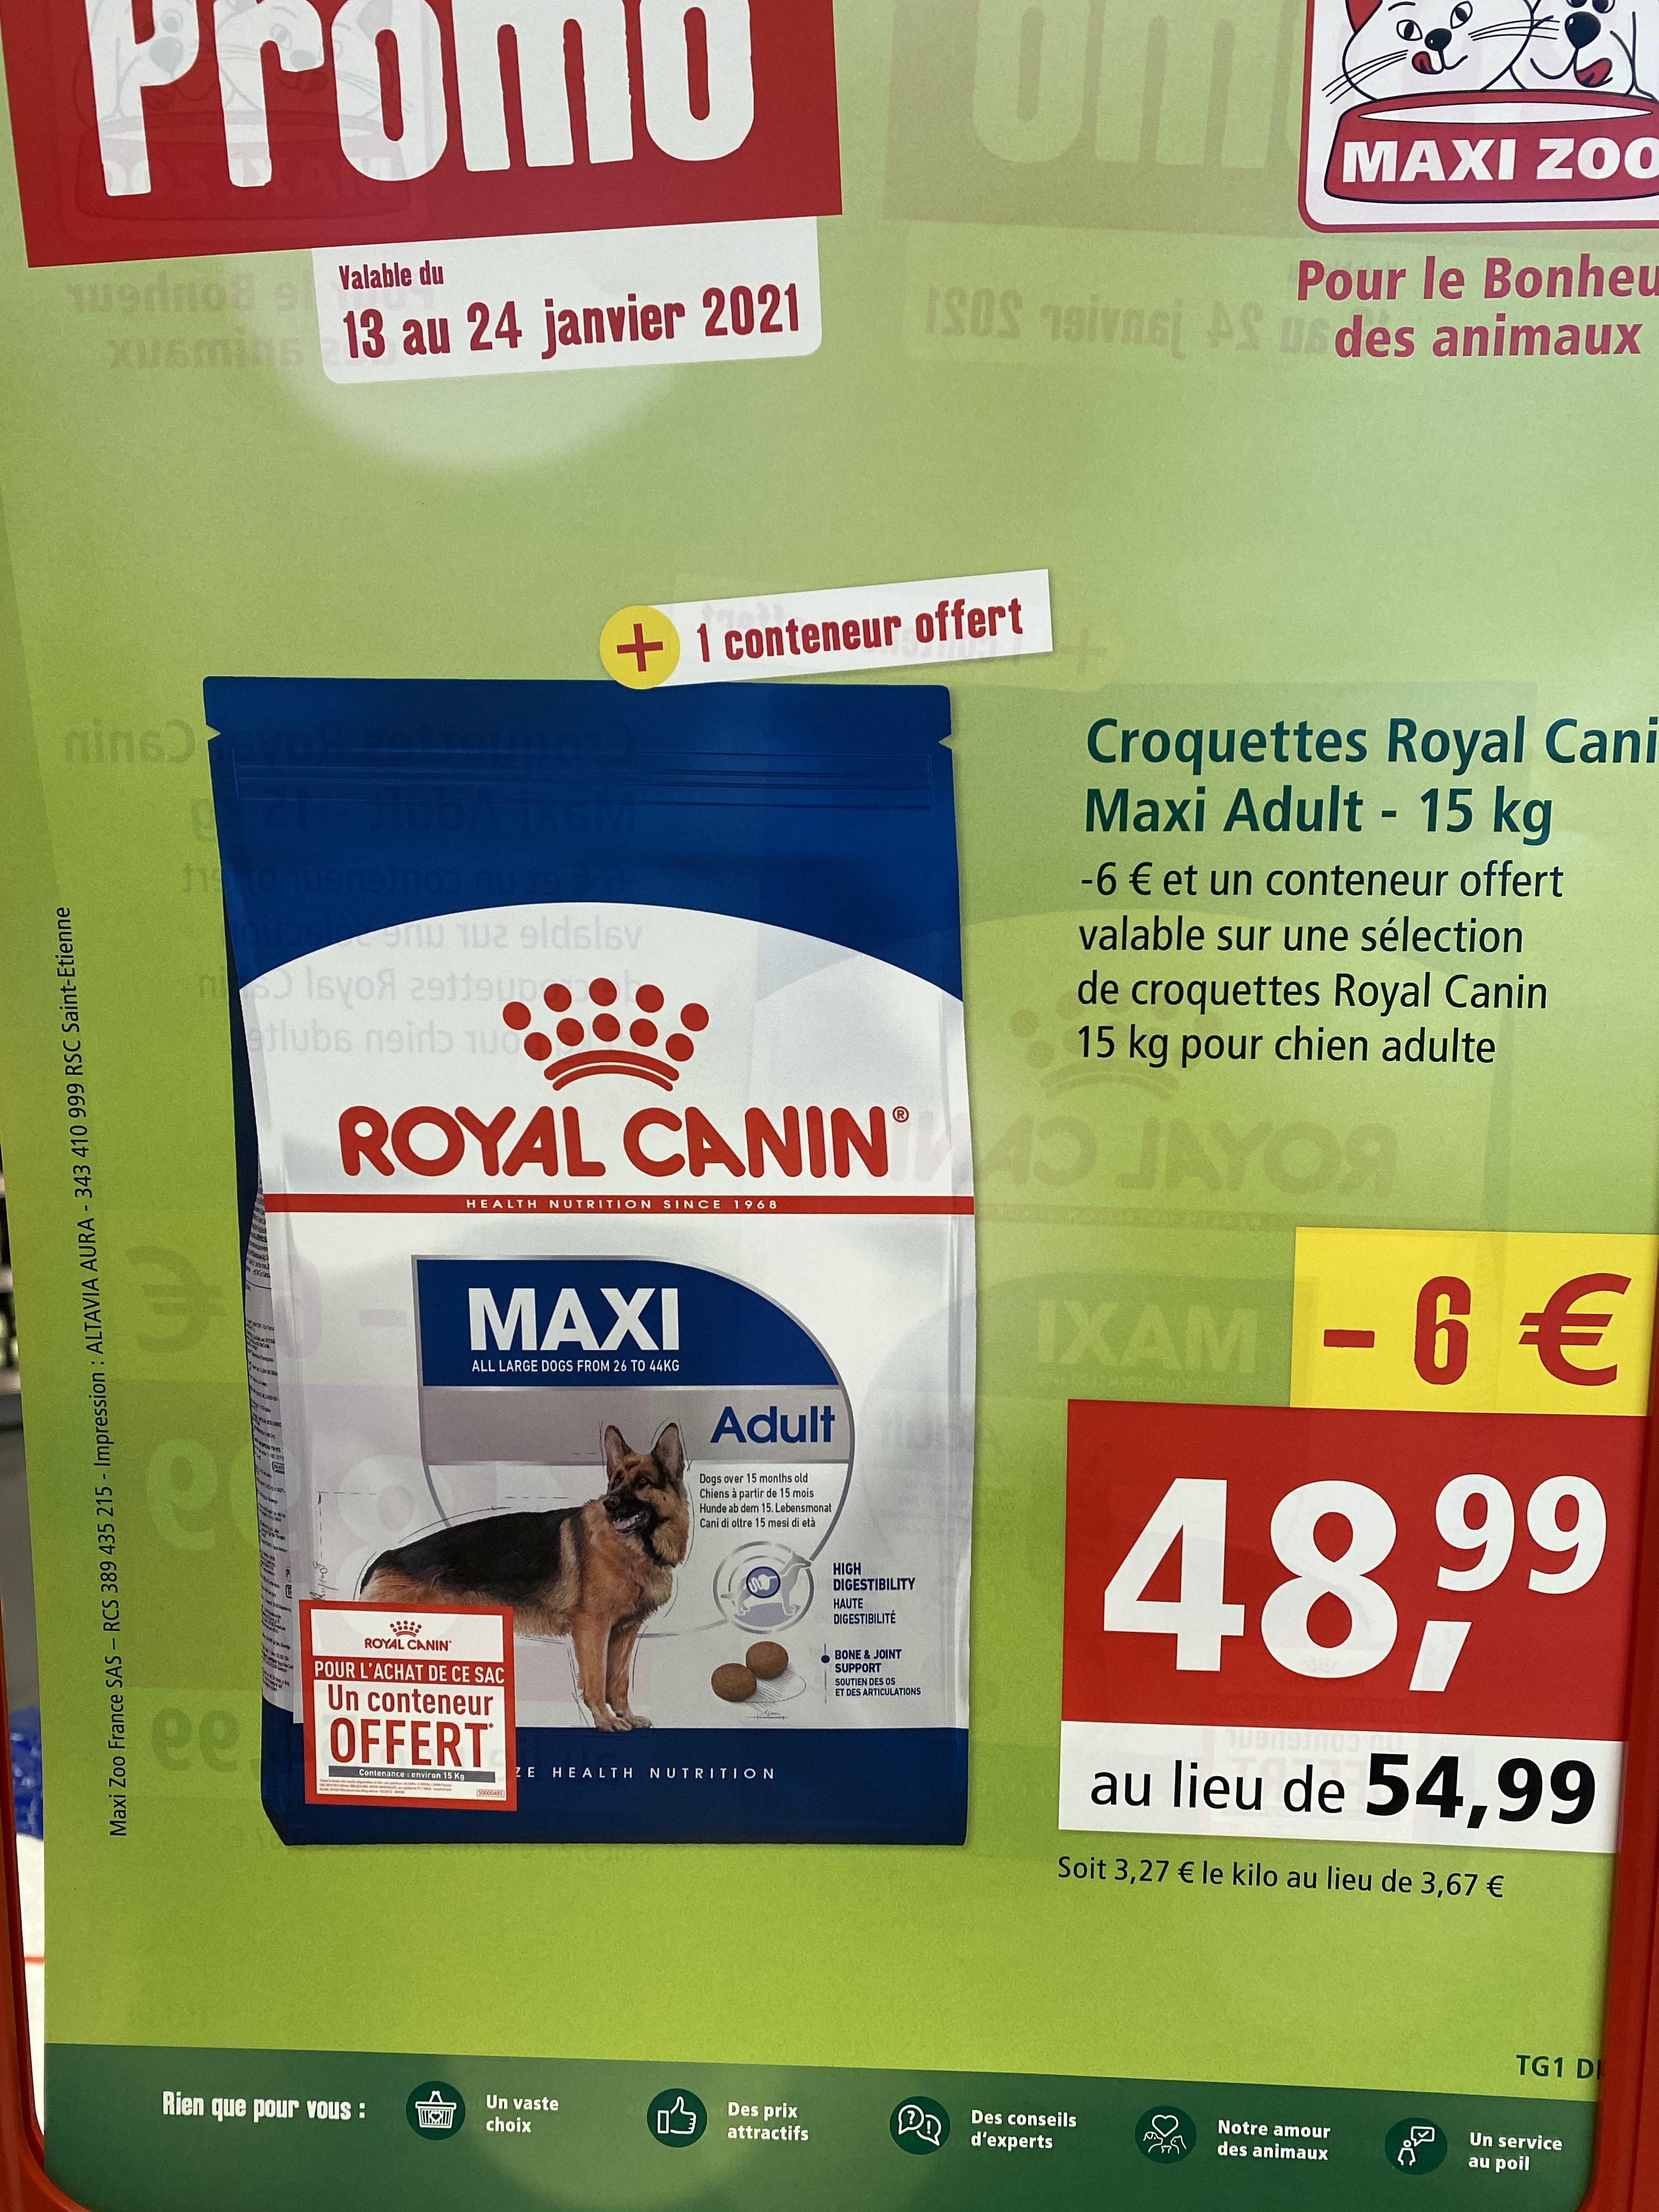 Paquet de croquettes chiens Royal Canin Maxi Adult 15 kg + 1 conteneur offert